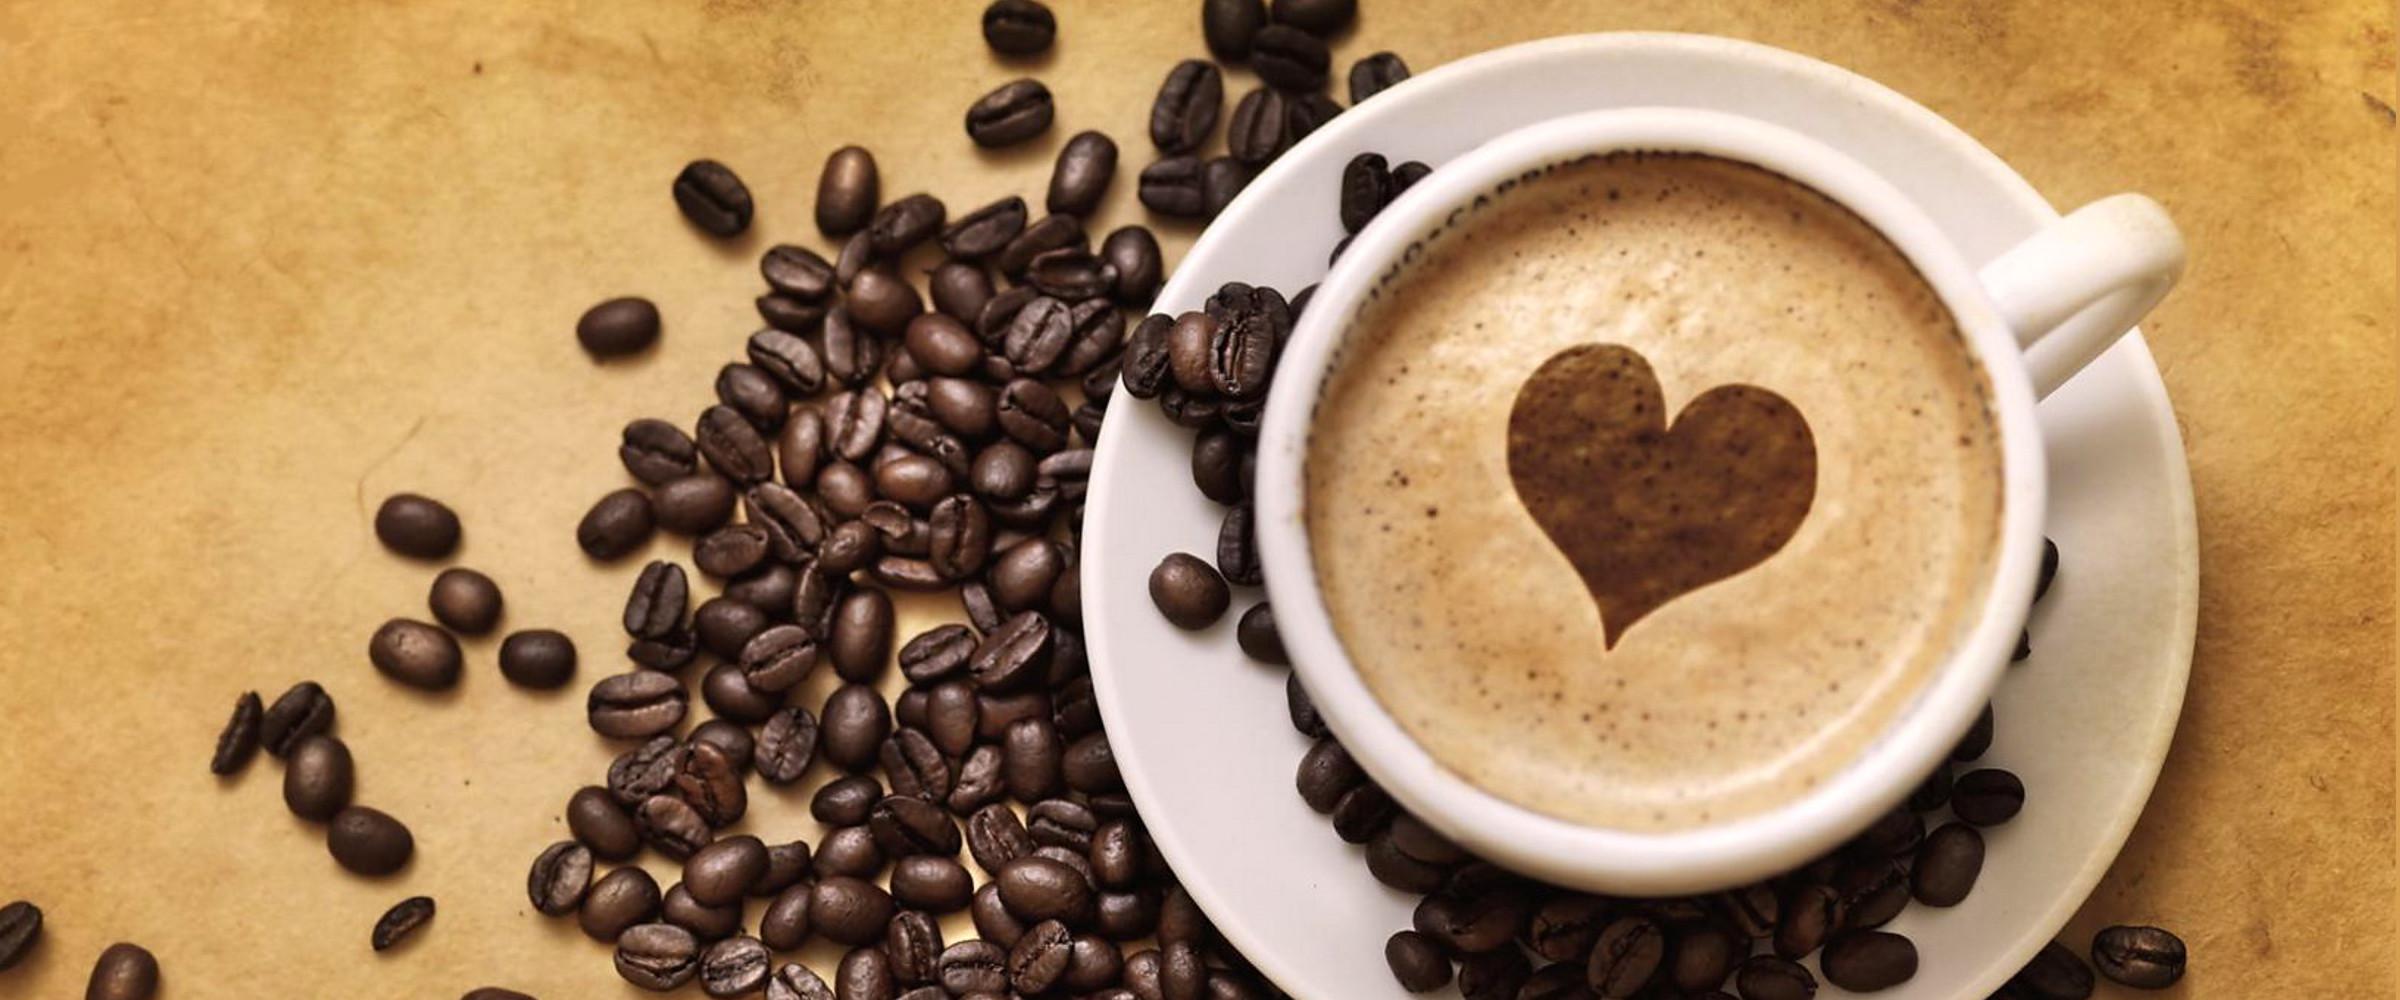 Un caffè con arte, grazie.